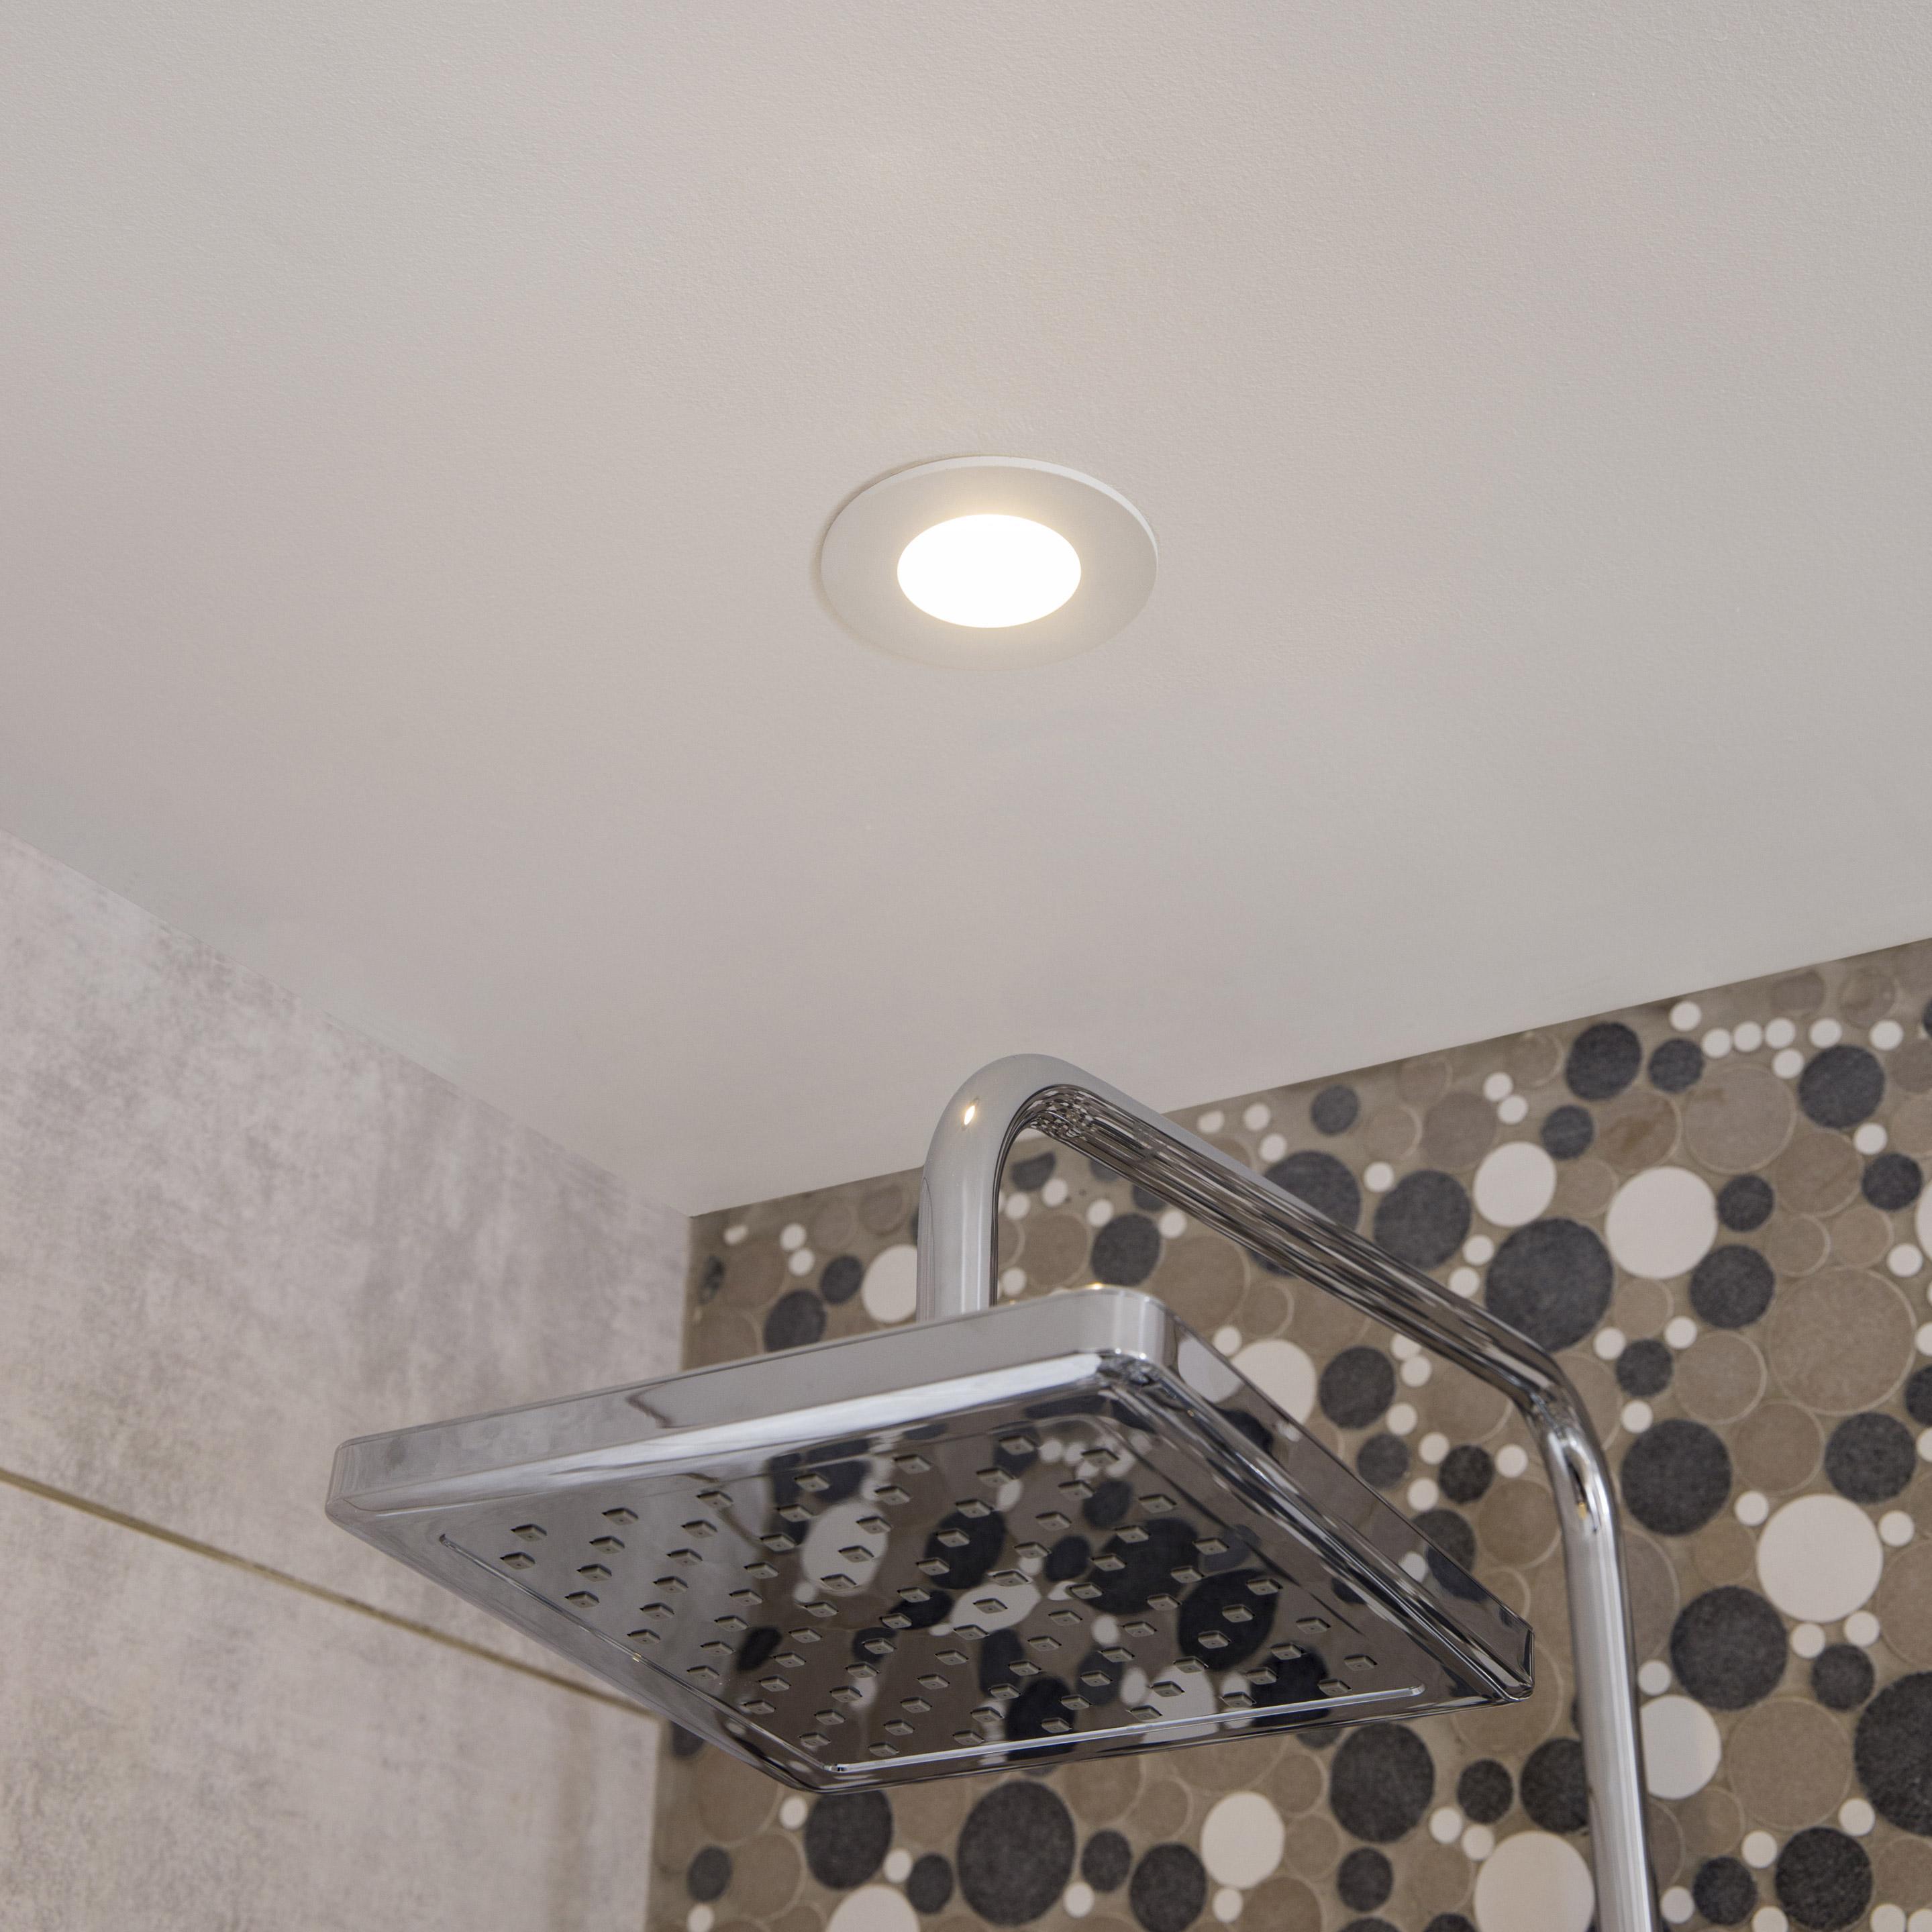 Kit 1 Spot A Encastrer Salle De Bains Led Integree 4000k Inspire Rond Blanc En 2020 Deco Salle De Bain Toilette Led Spots